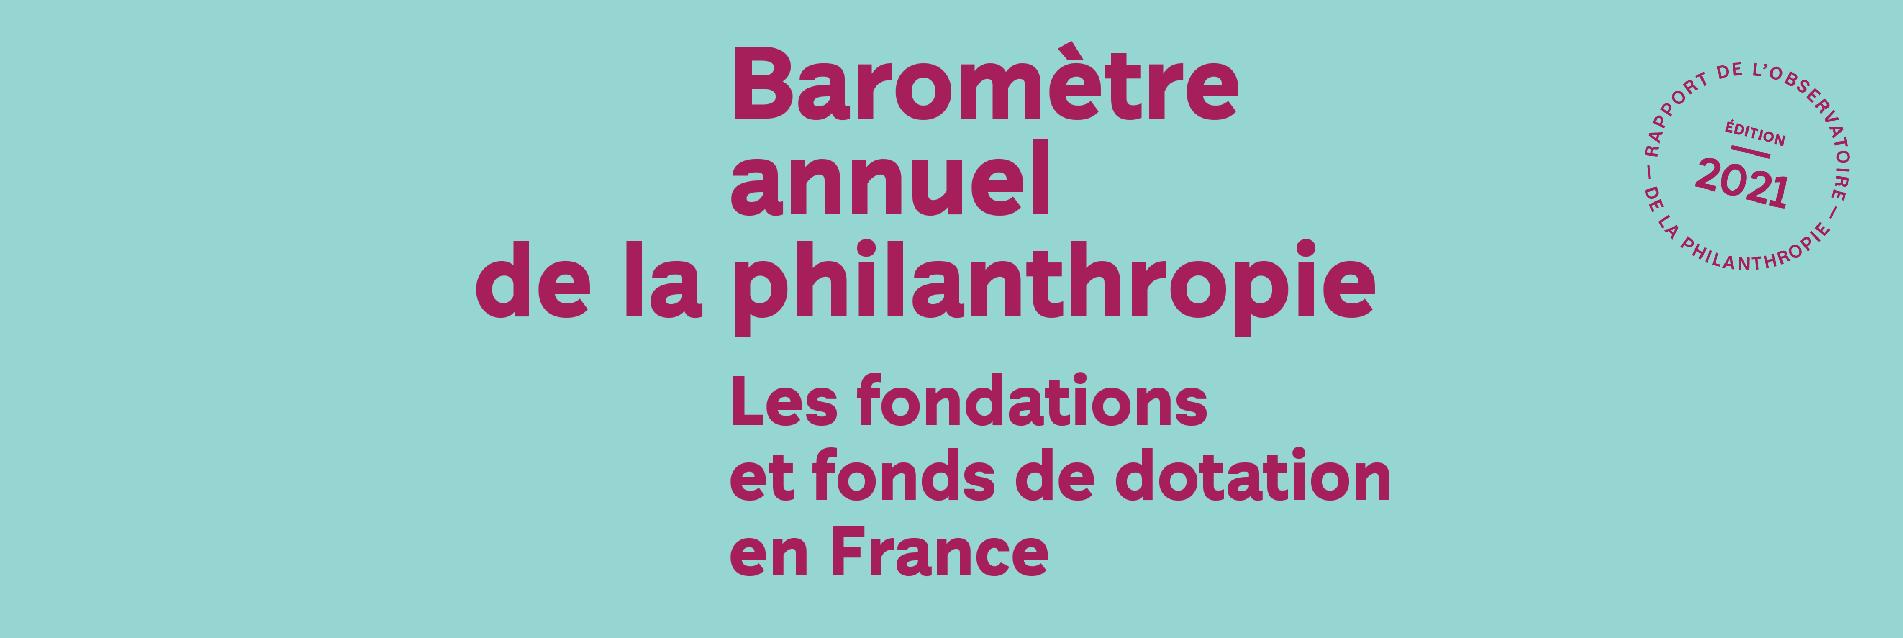 Baromètre de la Philanthropie réalisé par la fondation de france